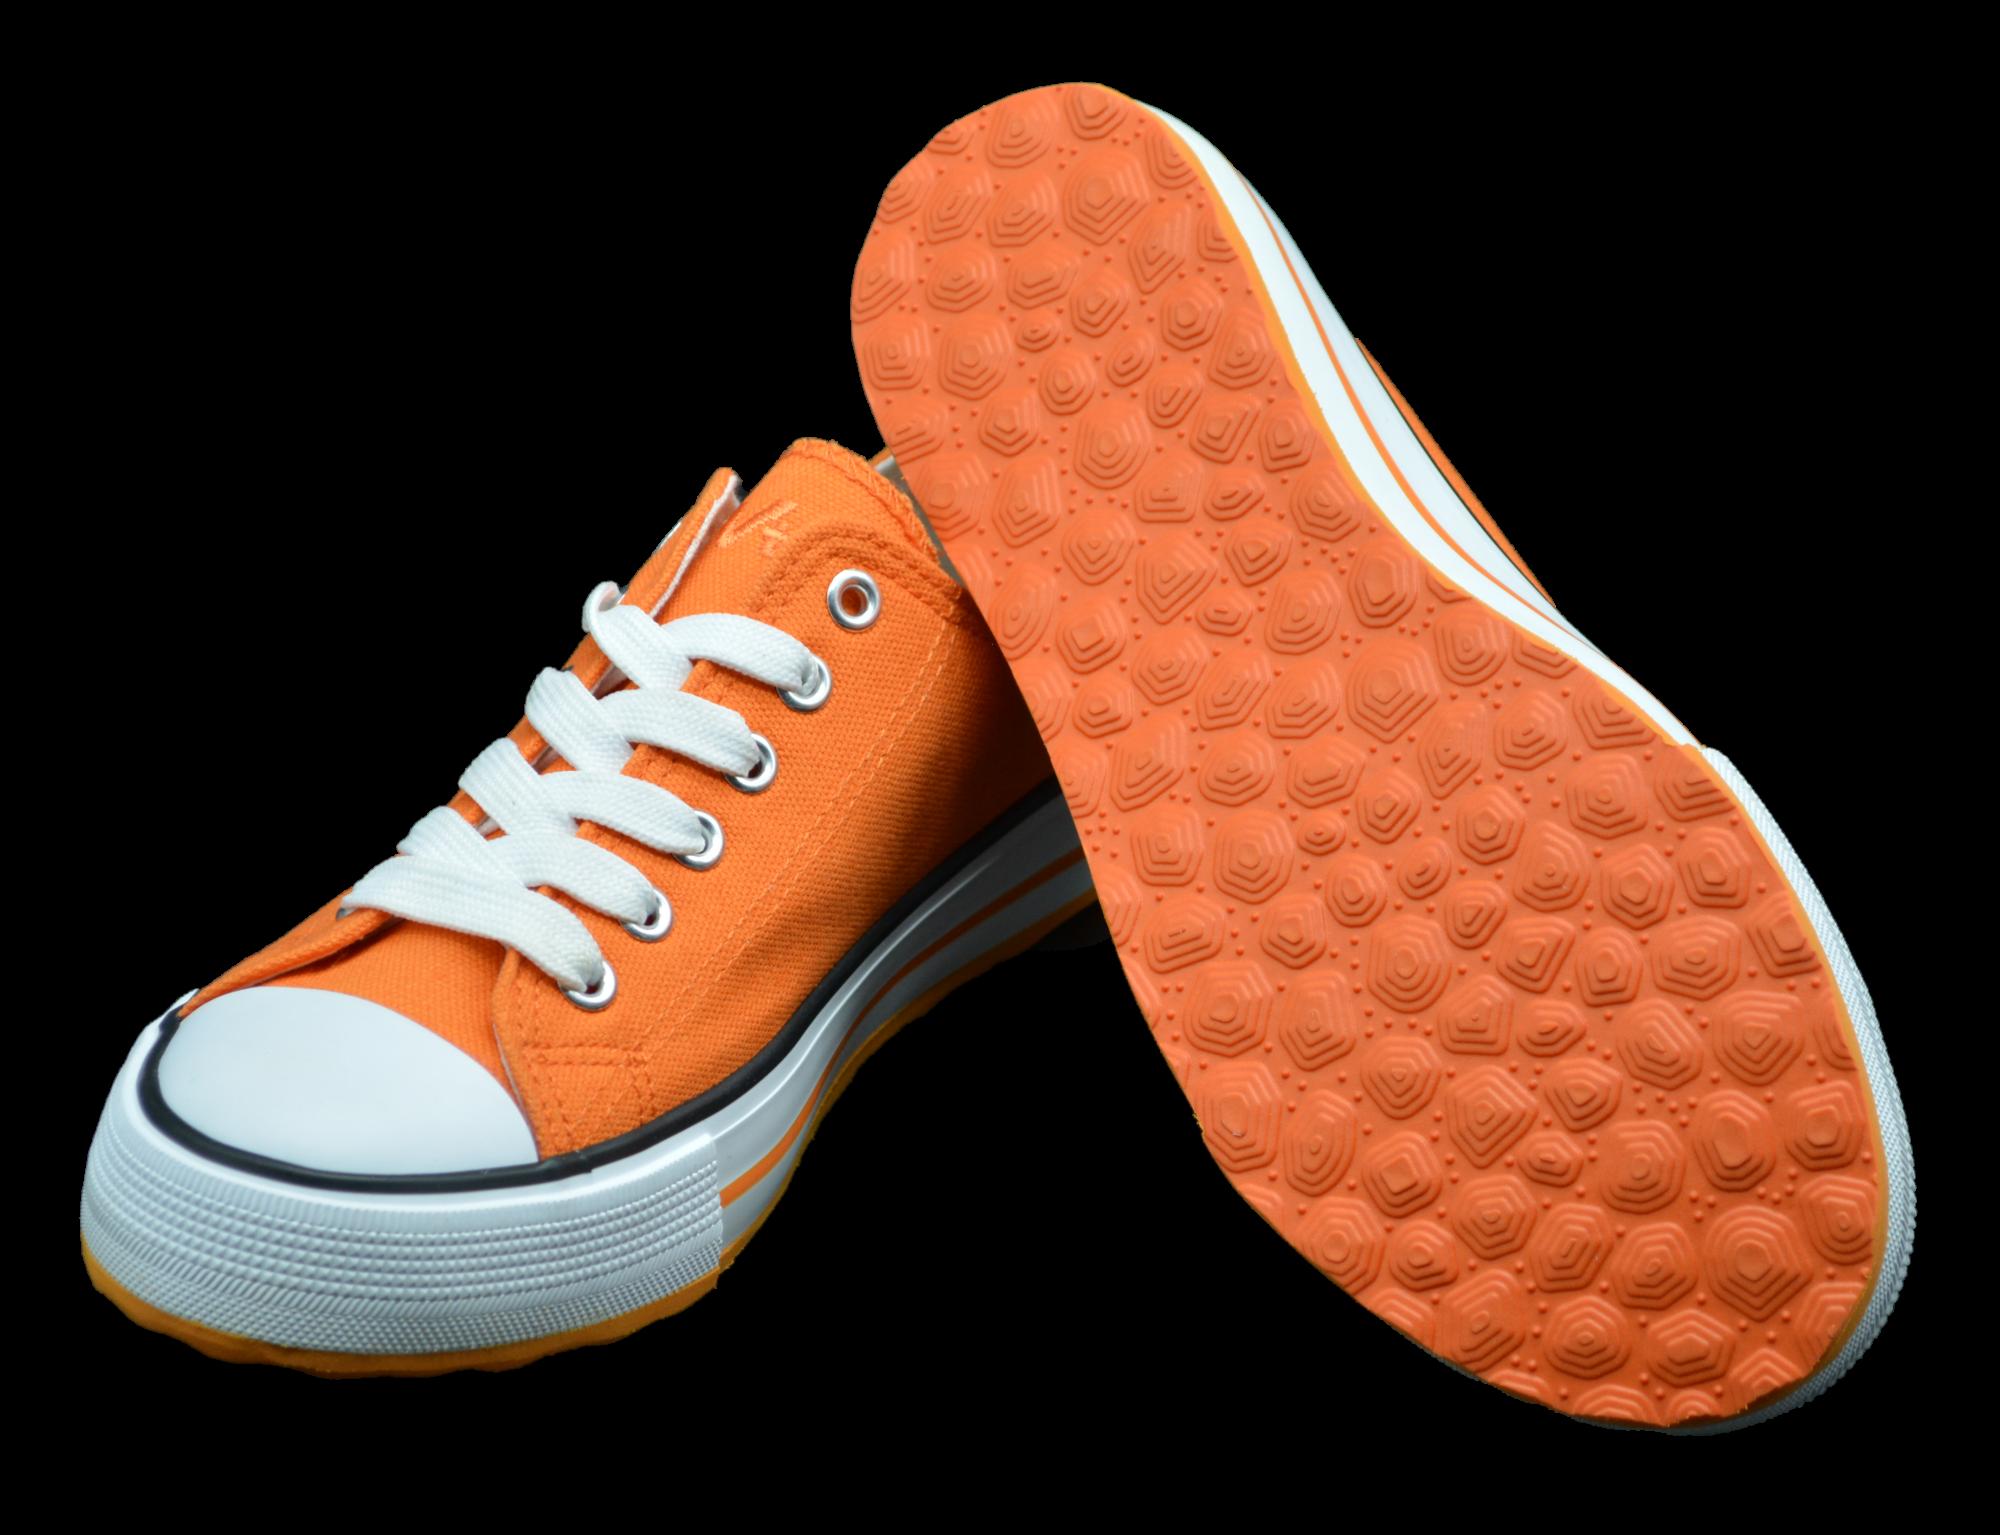 Schuhe mit orangefarbenen Sohlen